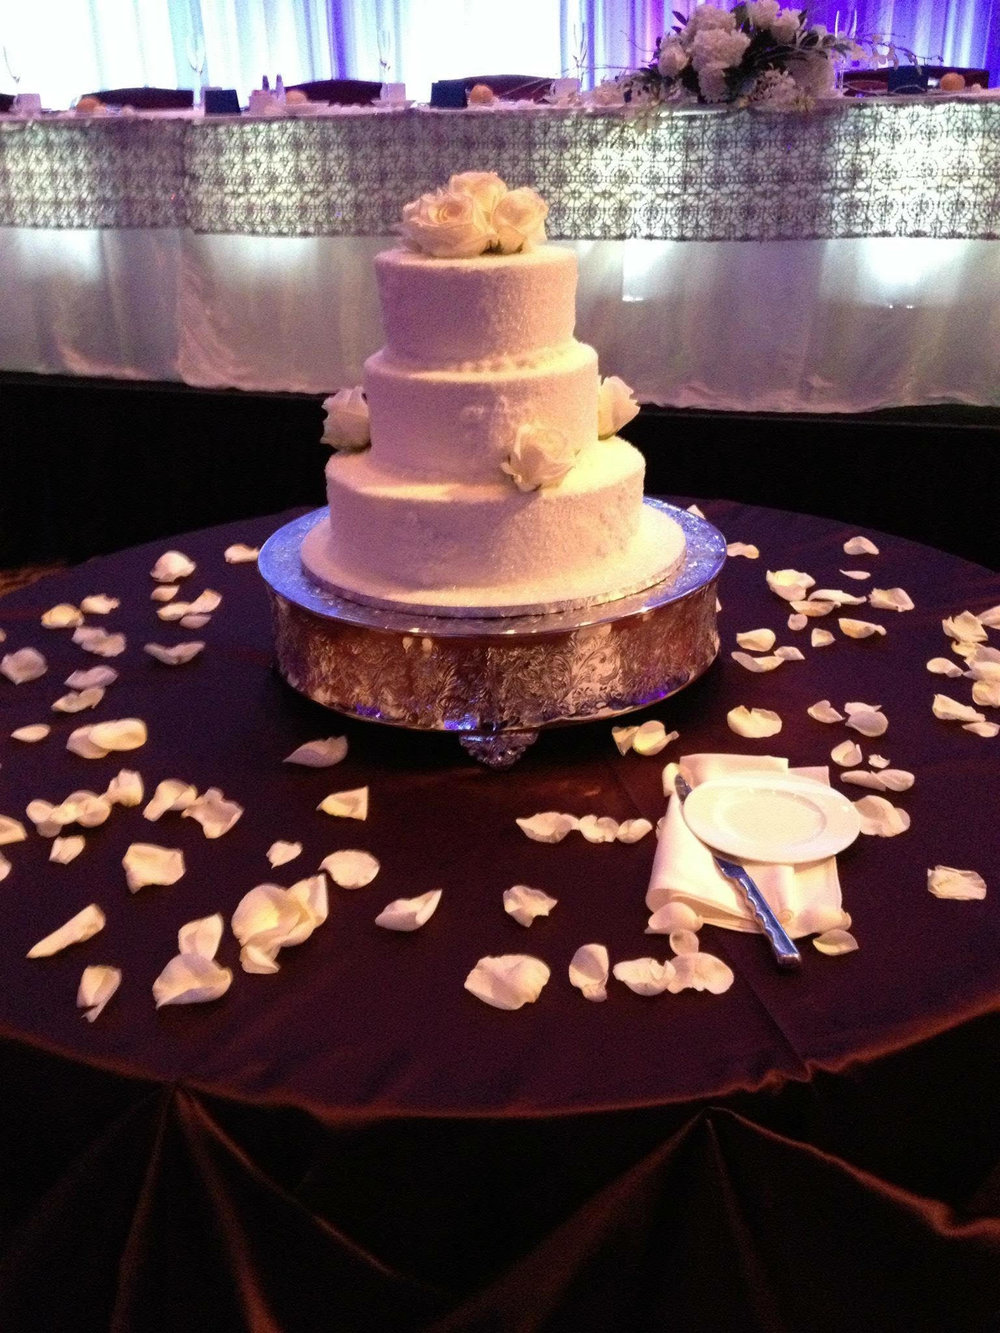 pa-wedding-cakes-9.jpg